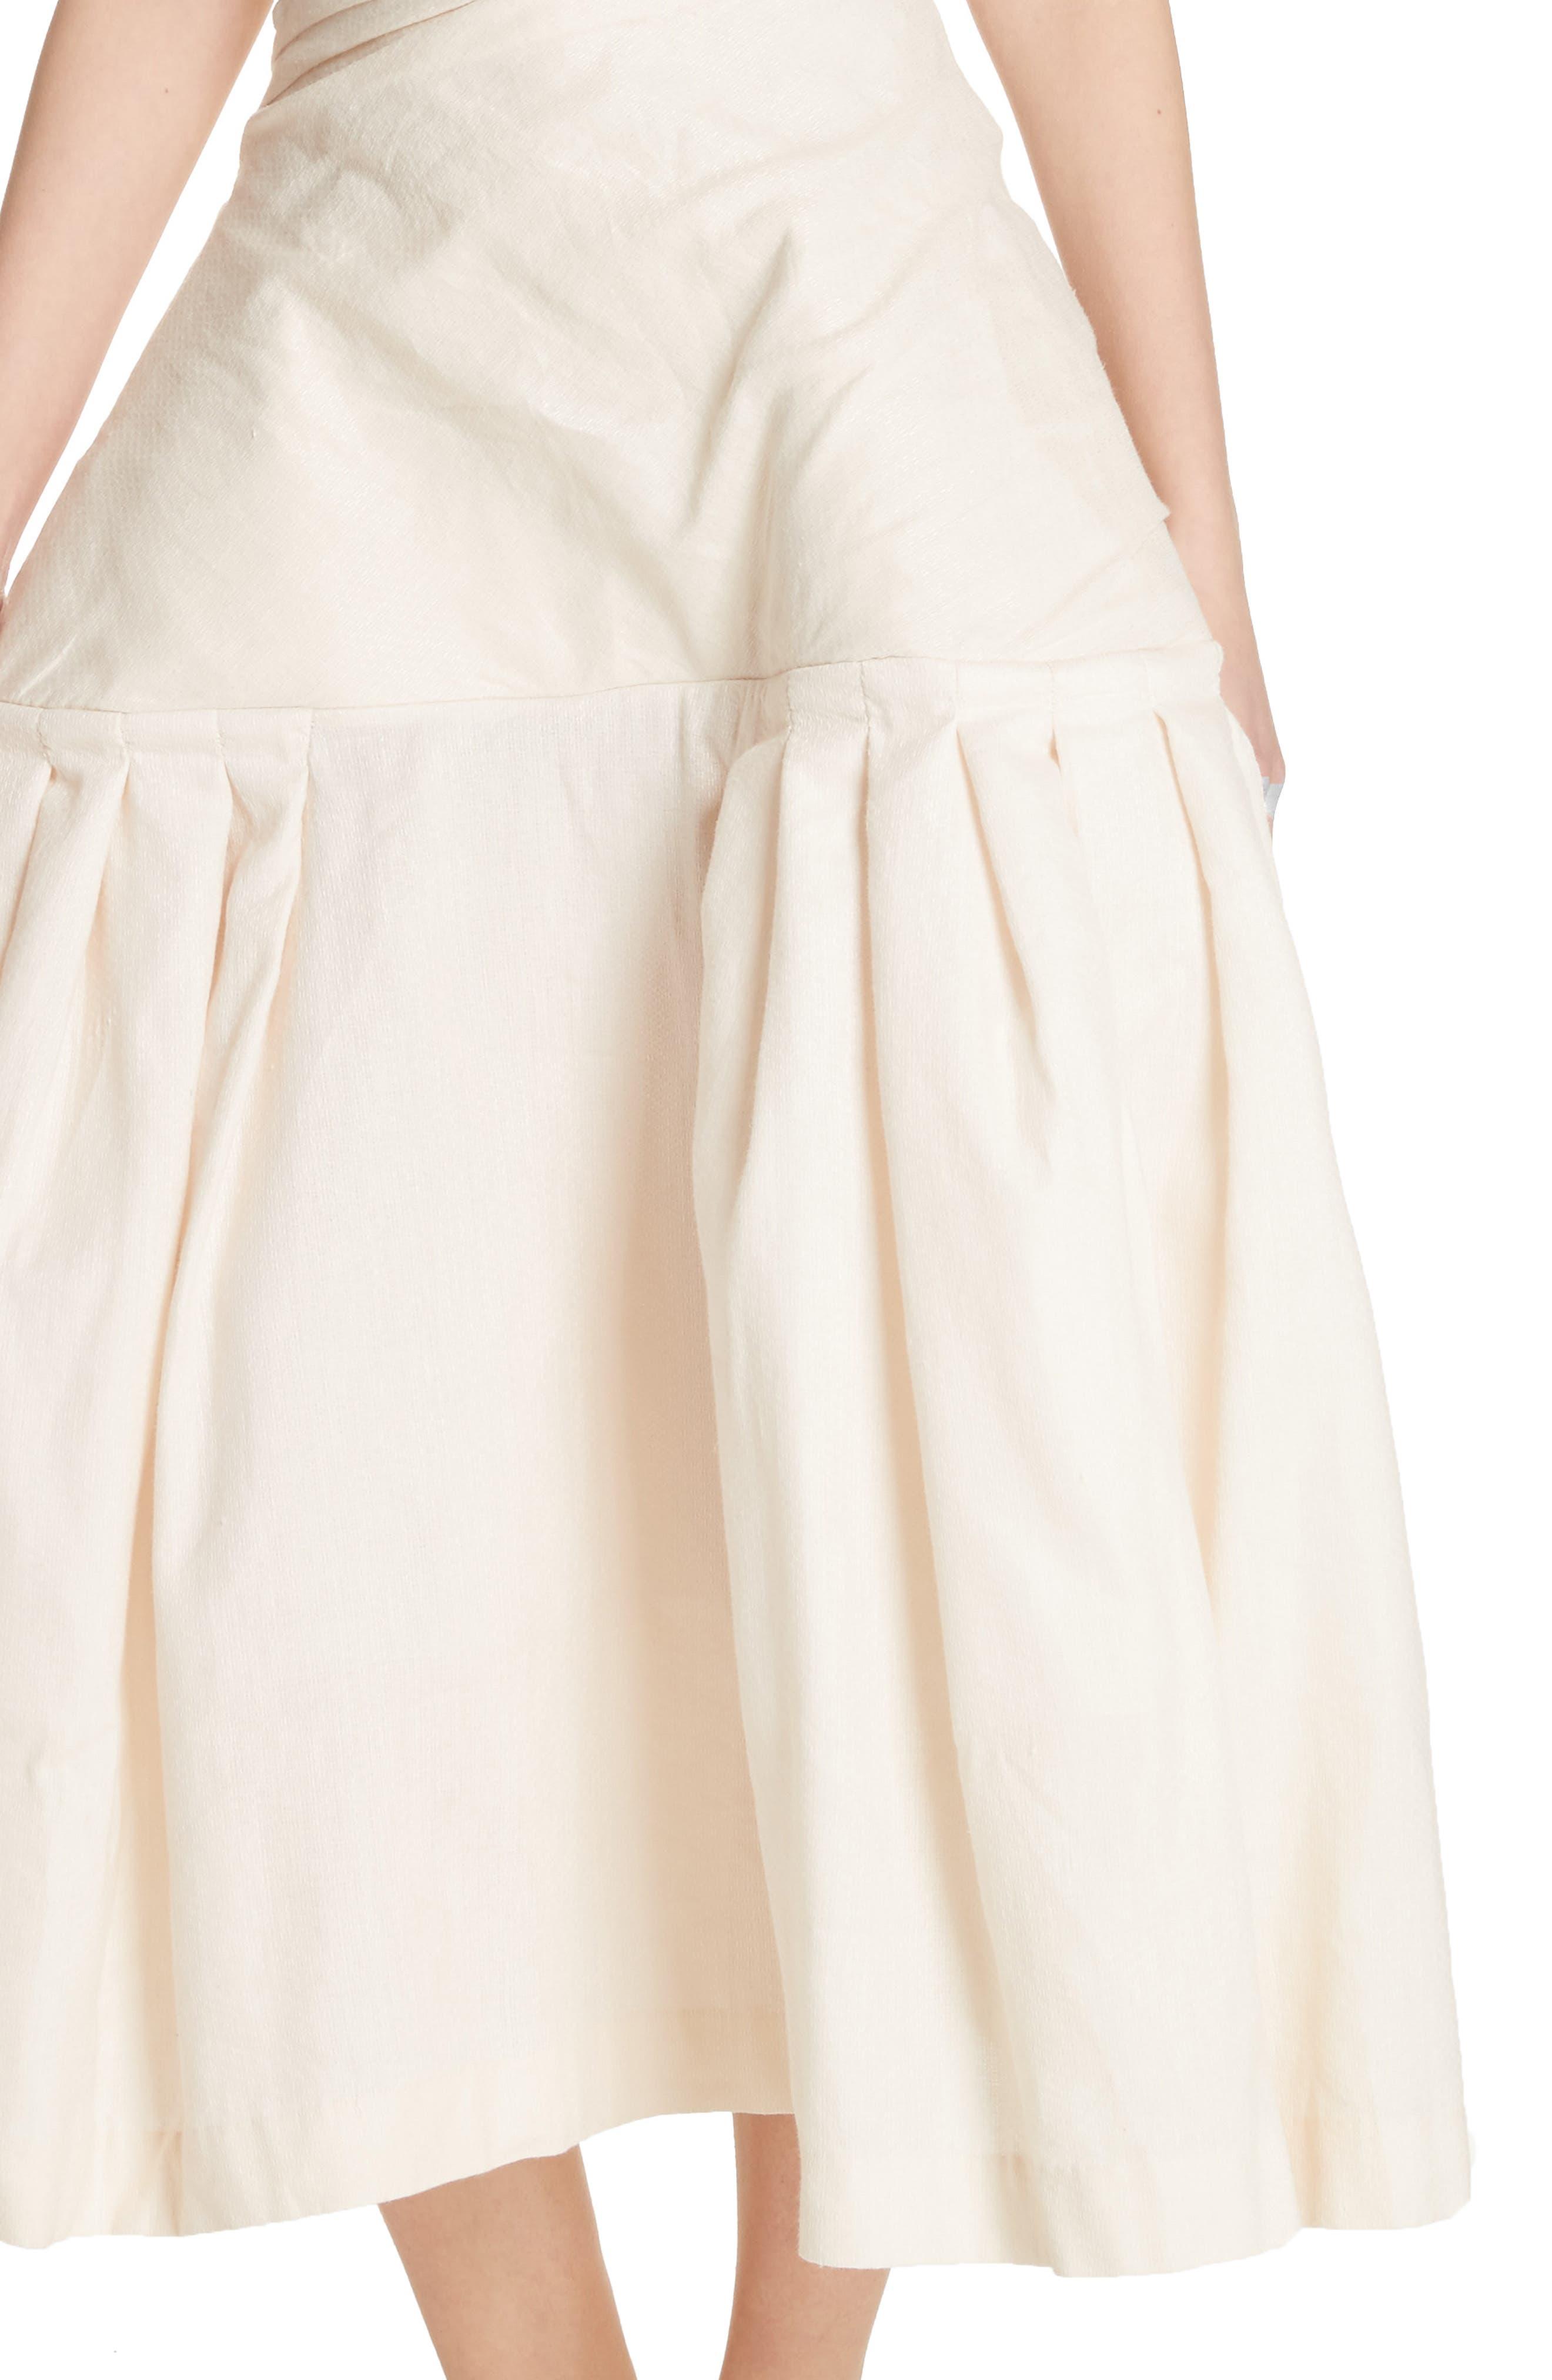 La Robe Limao Linen & Cotton Trumpet Dress,                             Alternate thumbnail 4, color,                             250